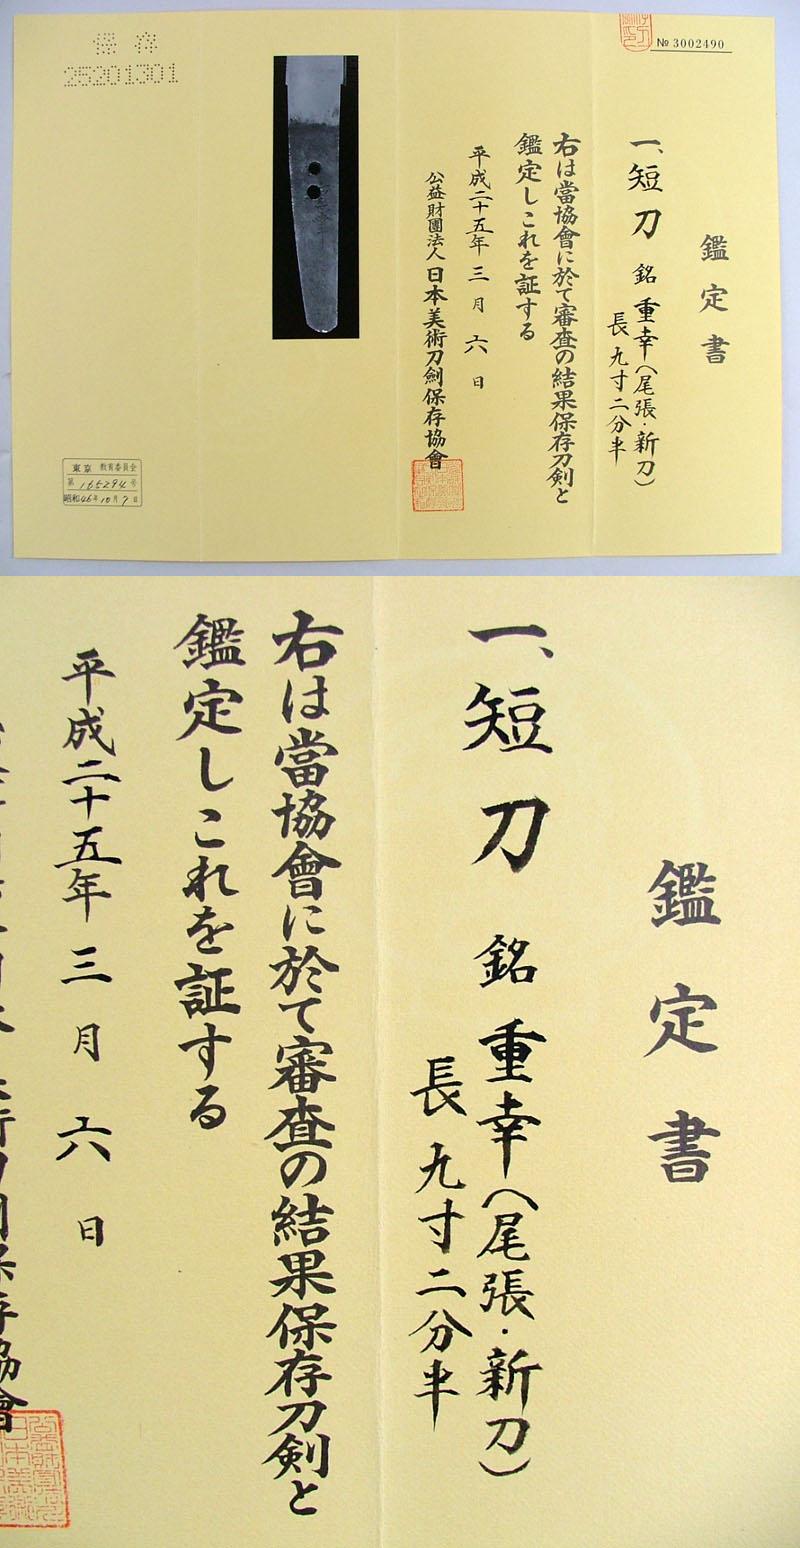 重幸(尾張) Picture of Certificate